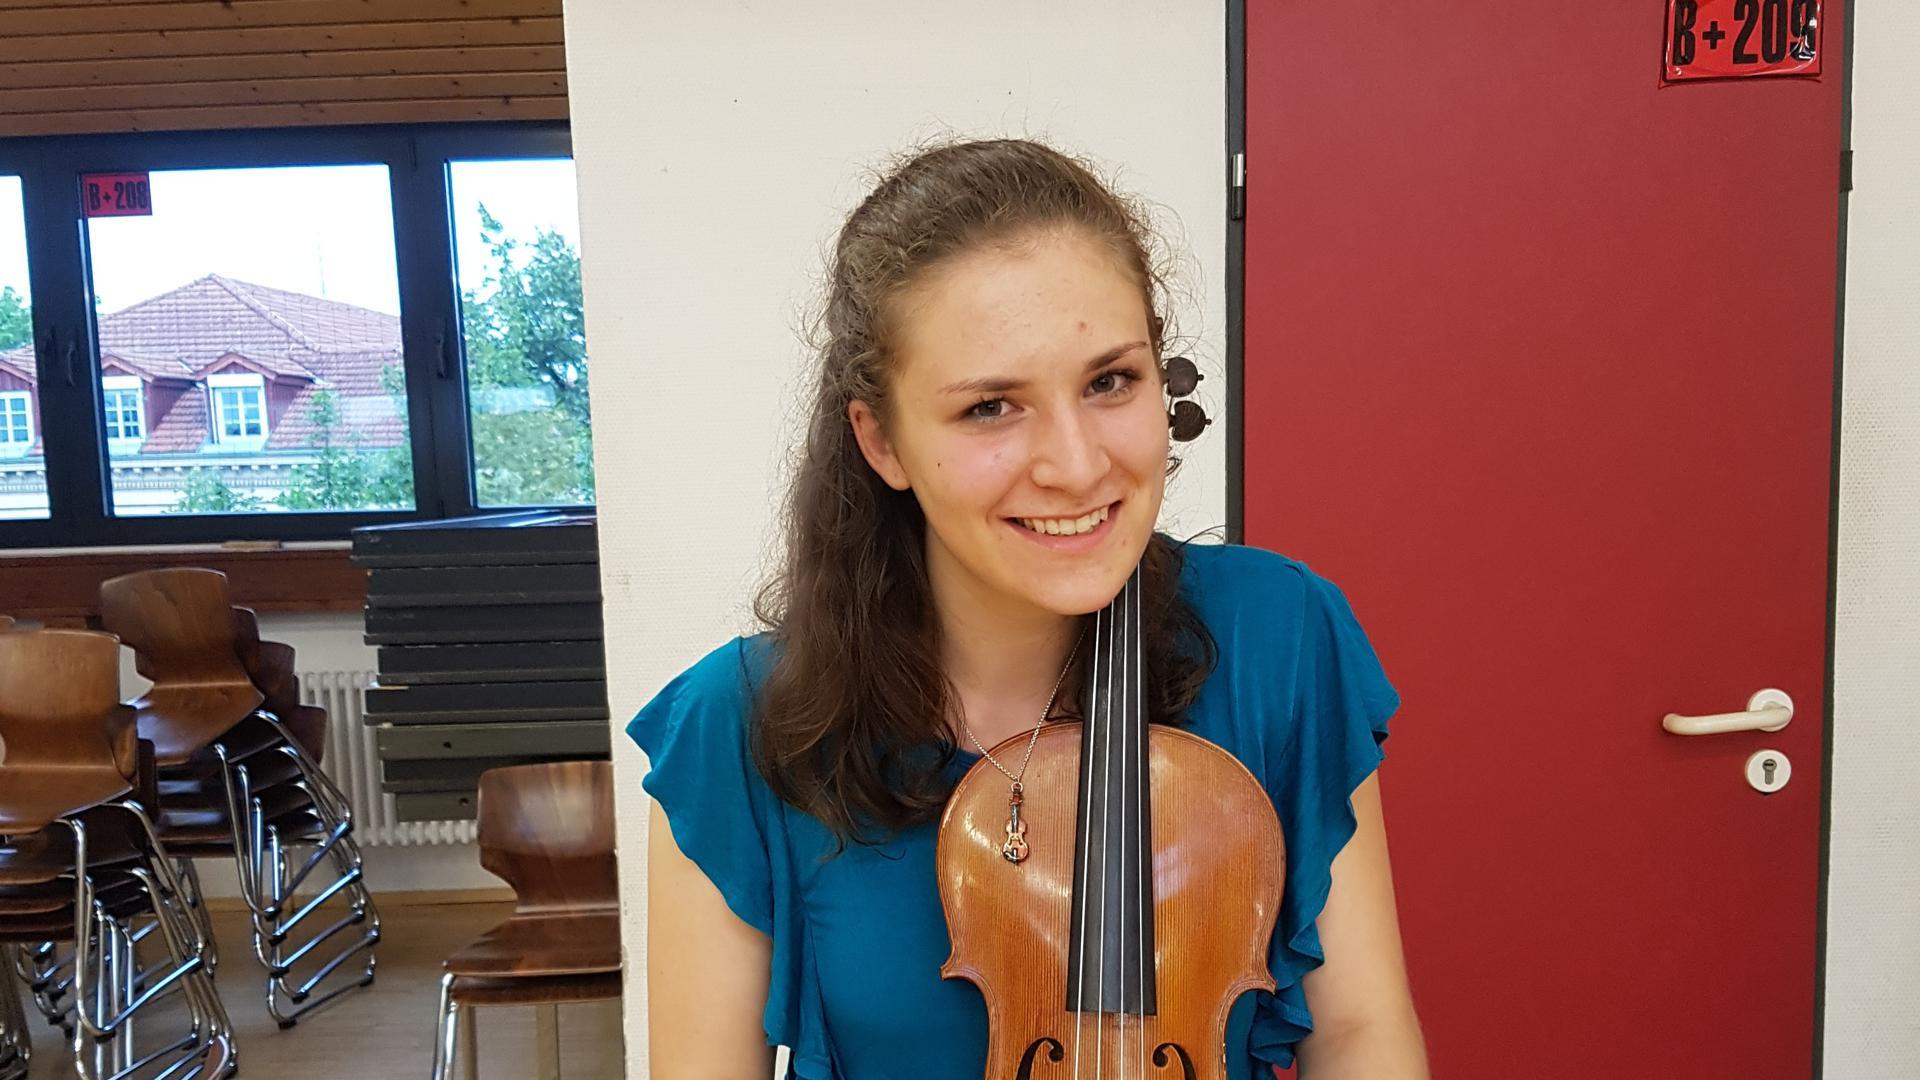 Mona Kempf - Jugendliche aus Bretten über das Jahr 2020 und die Zukunft